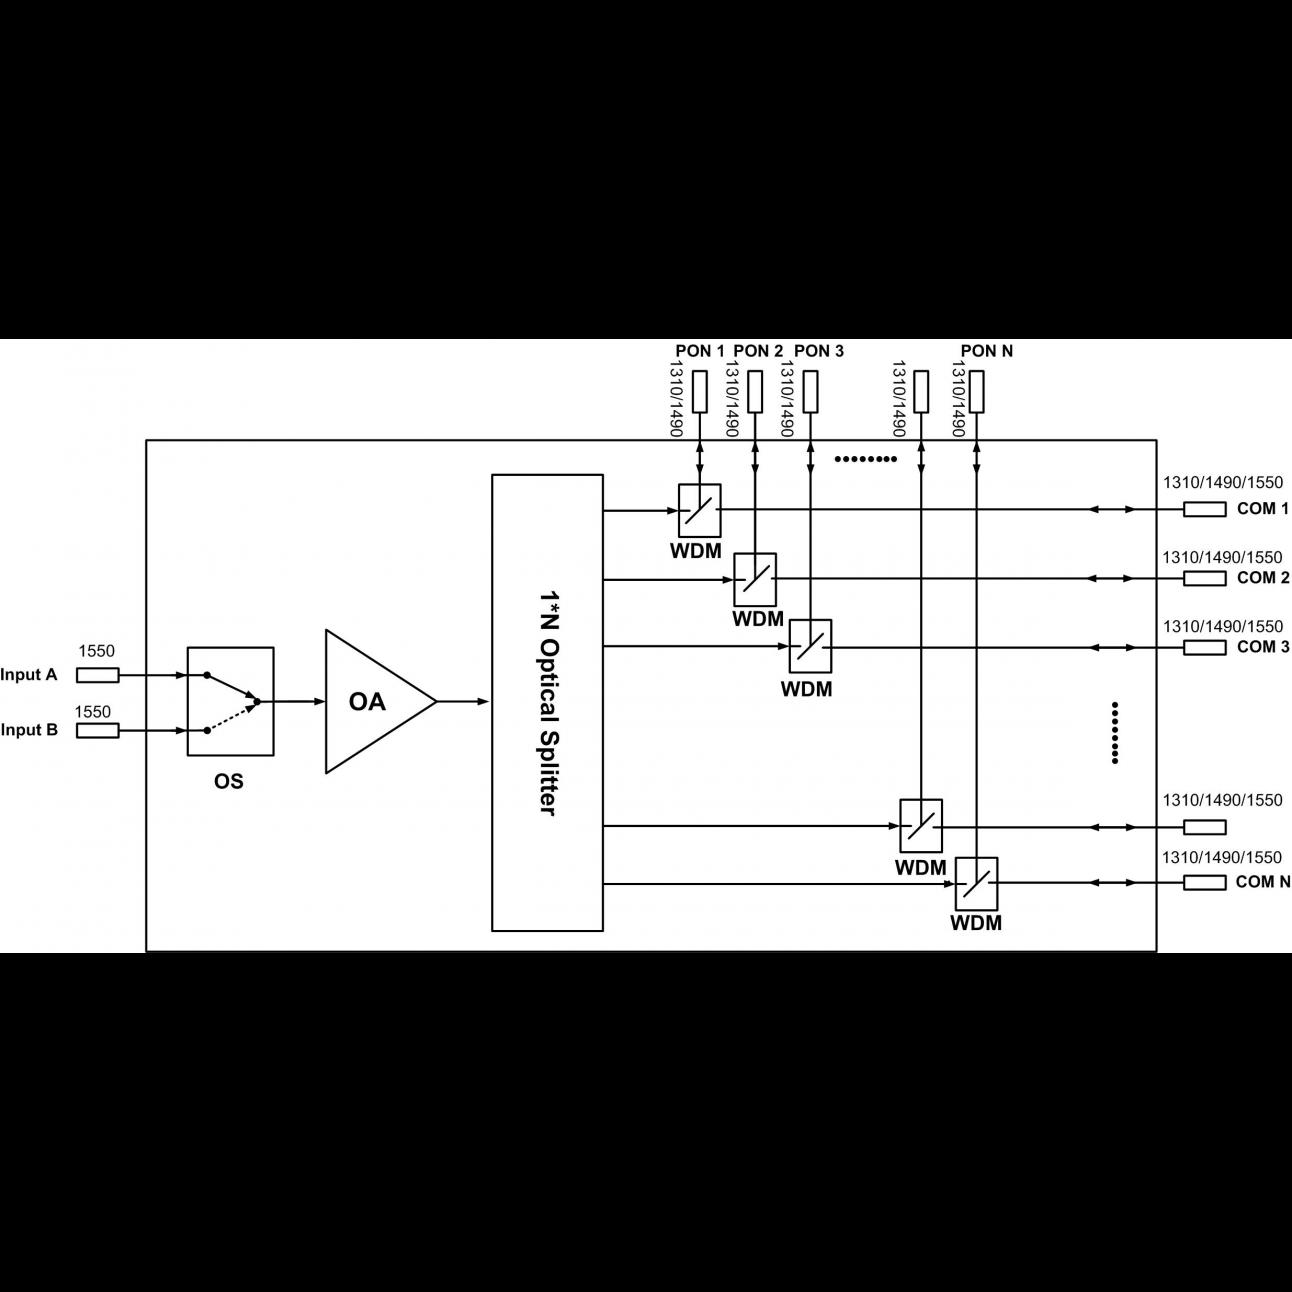 Оптический усилитель VERMAX для сетей КТВ, 2 входа, 8*16dBm выходов, WDM фильтр PON